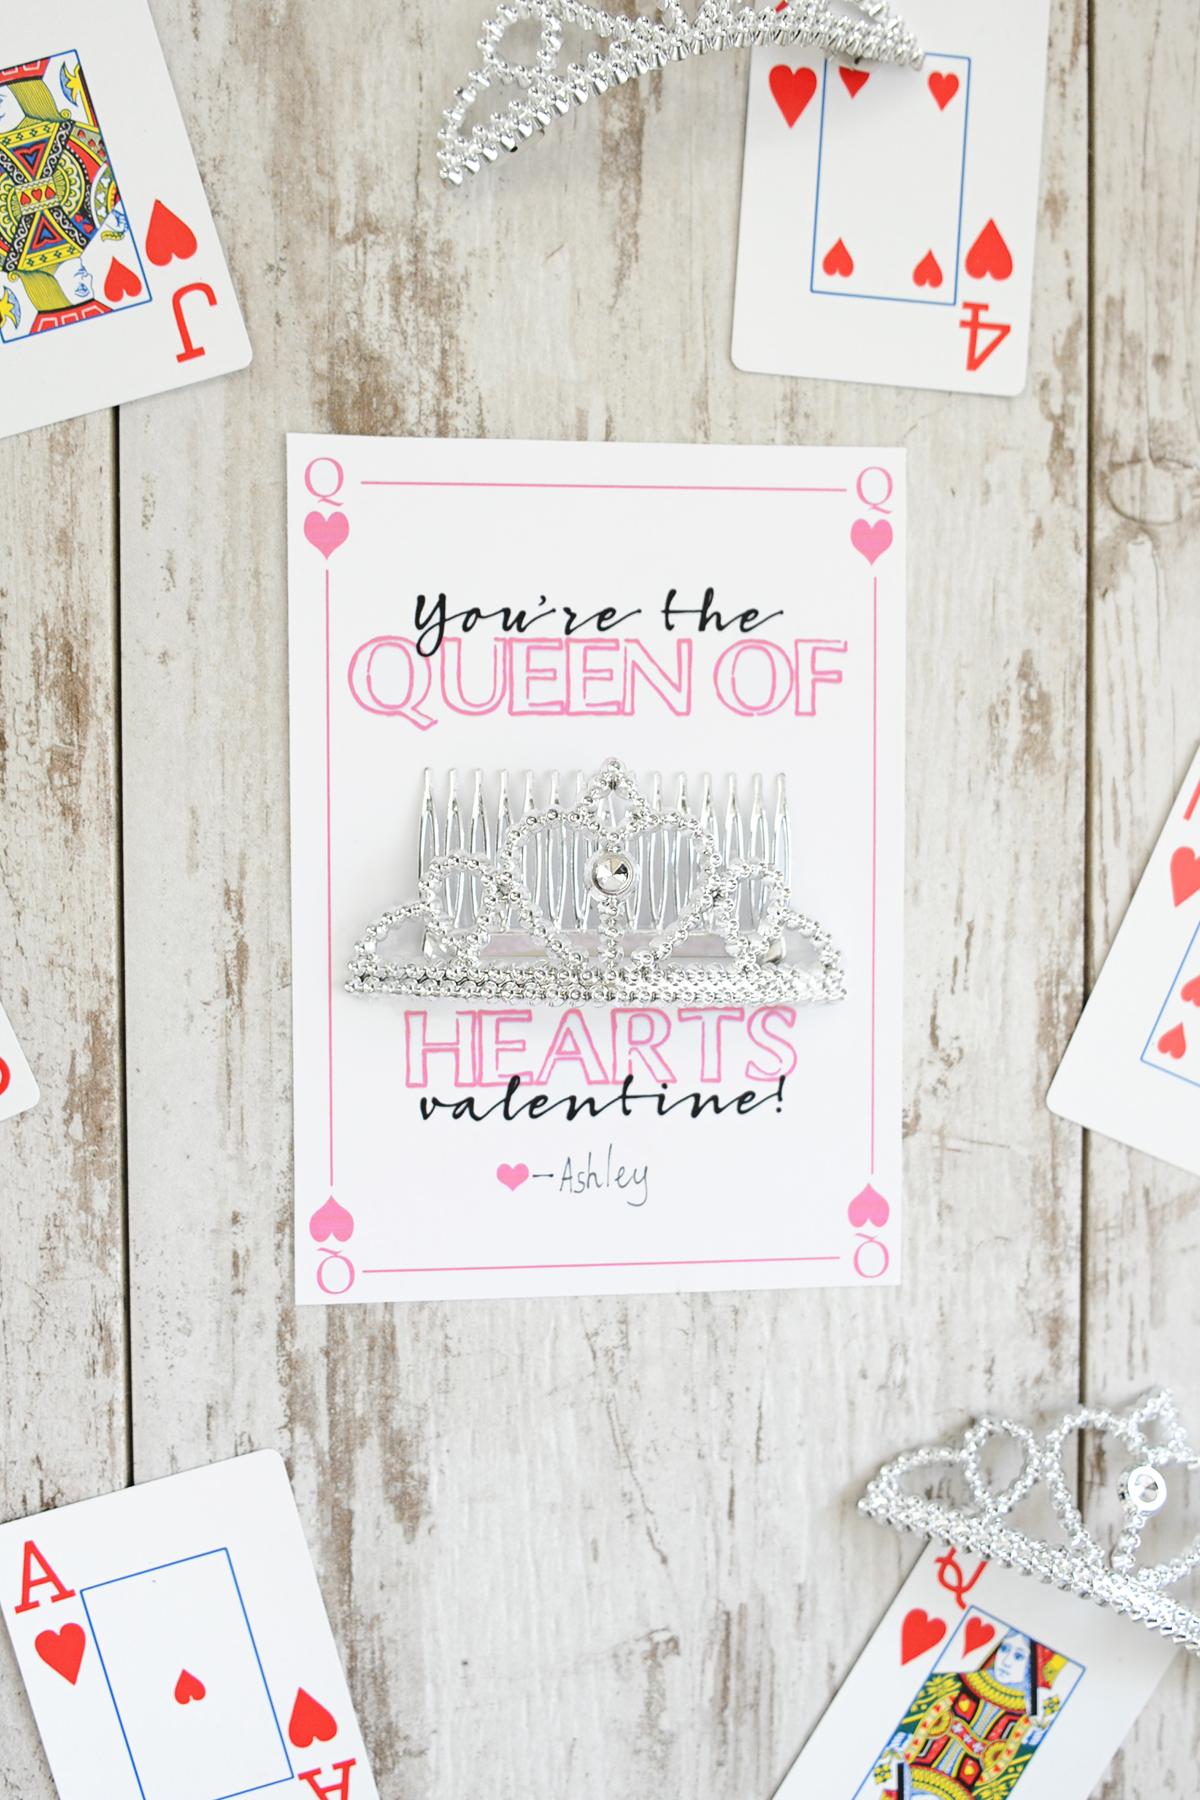 Queen of hearts valentine 1